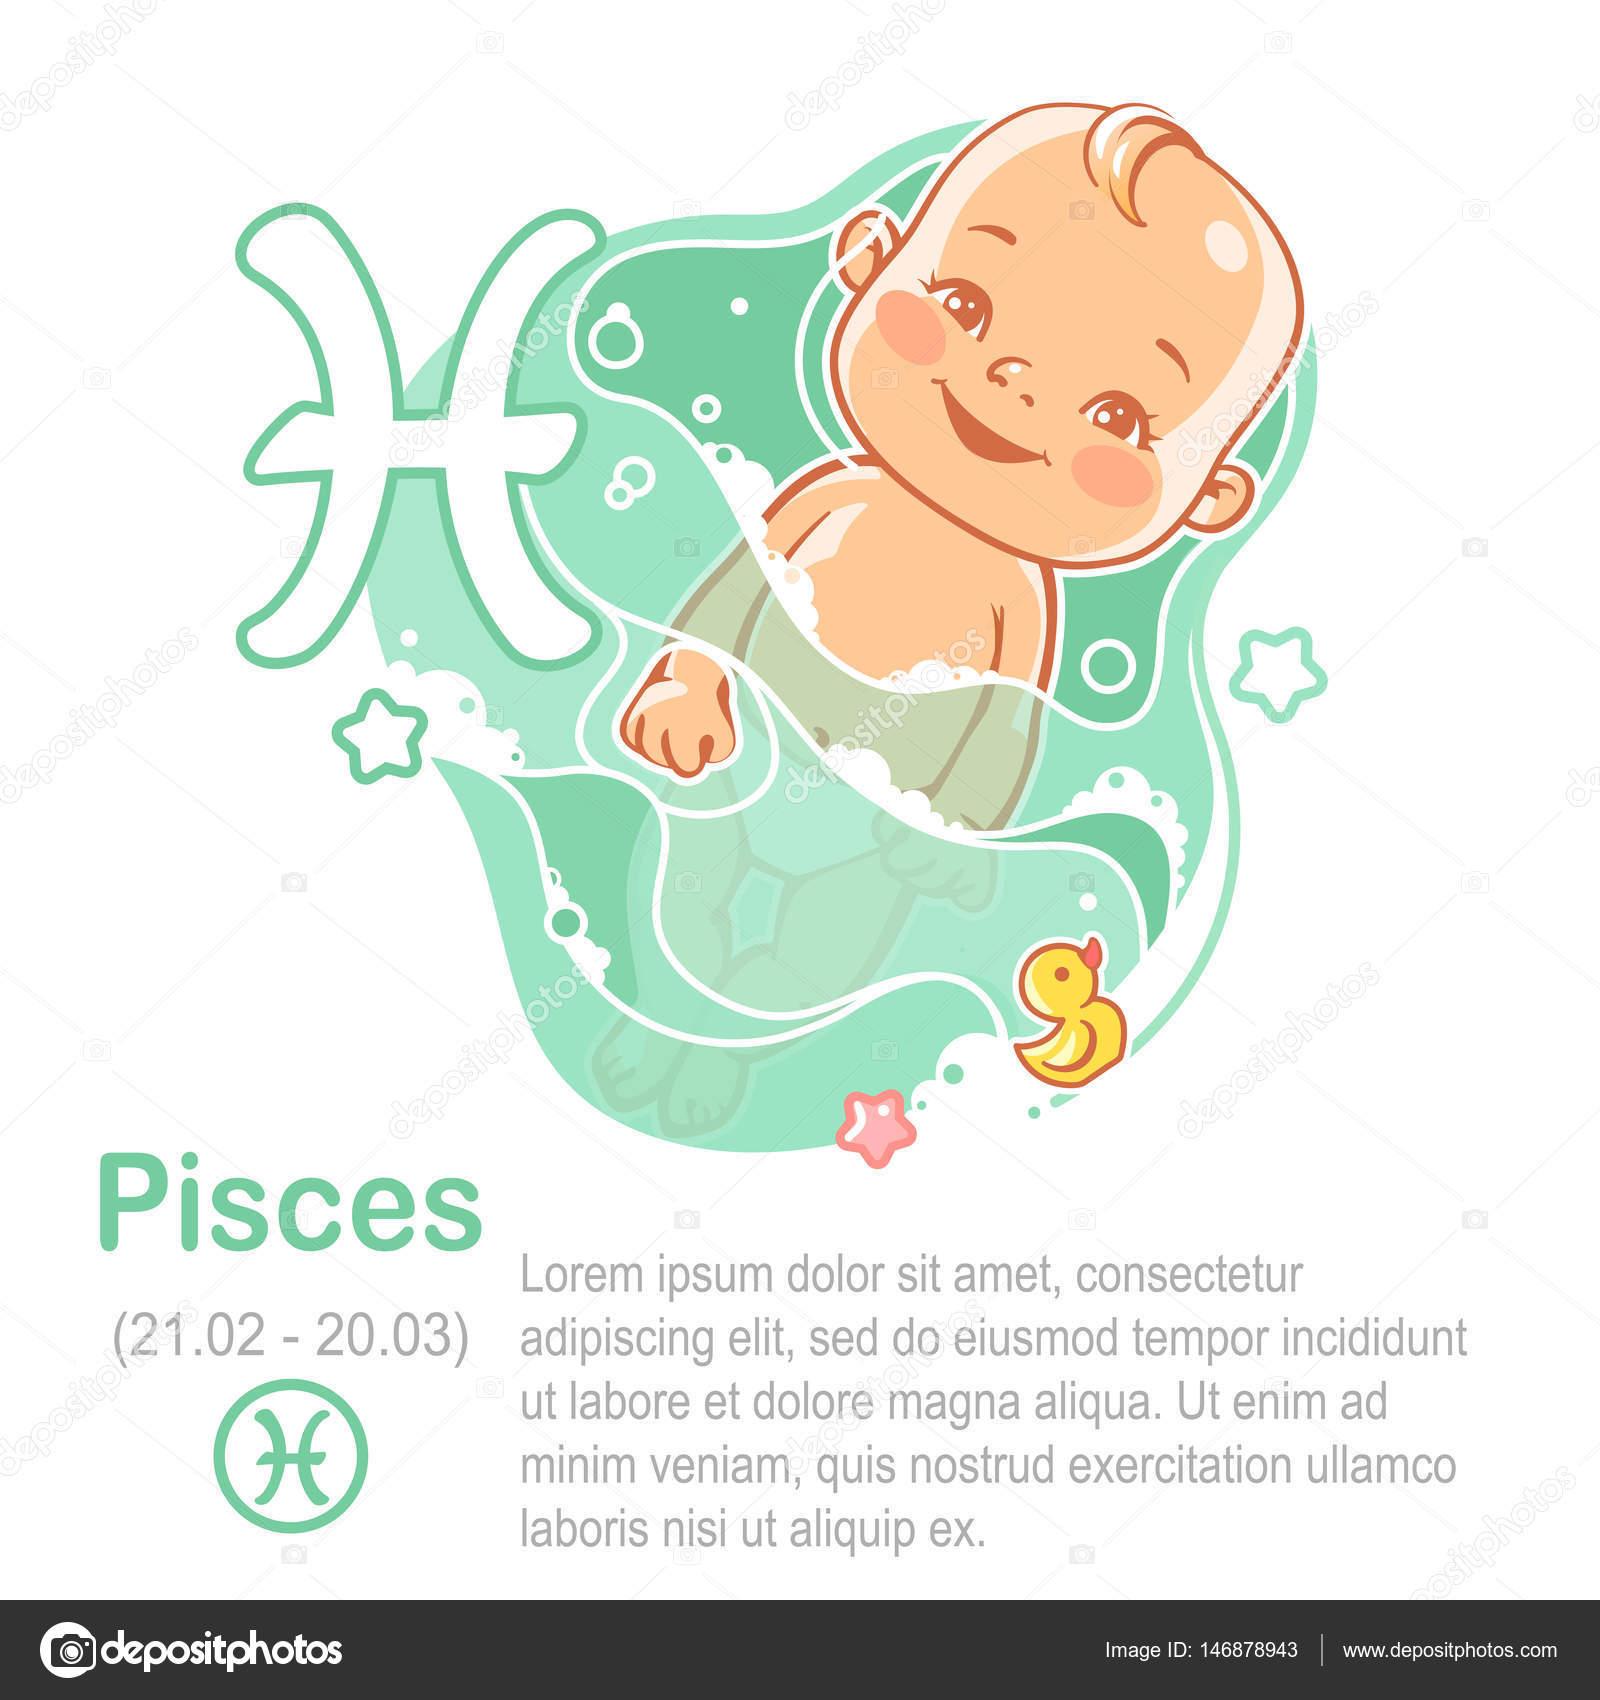 Рожденные под знаком рыб девочки обычно с ранних лет проявляют такие привлекательные женские качества, как изящество, нежность чувств и мягкое сердце.